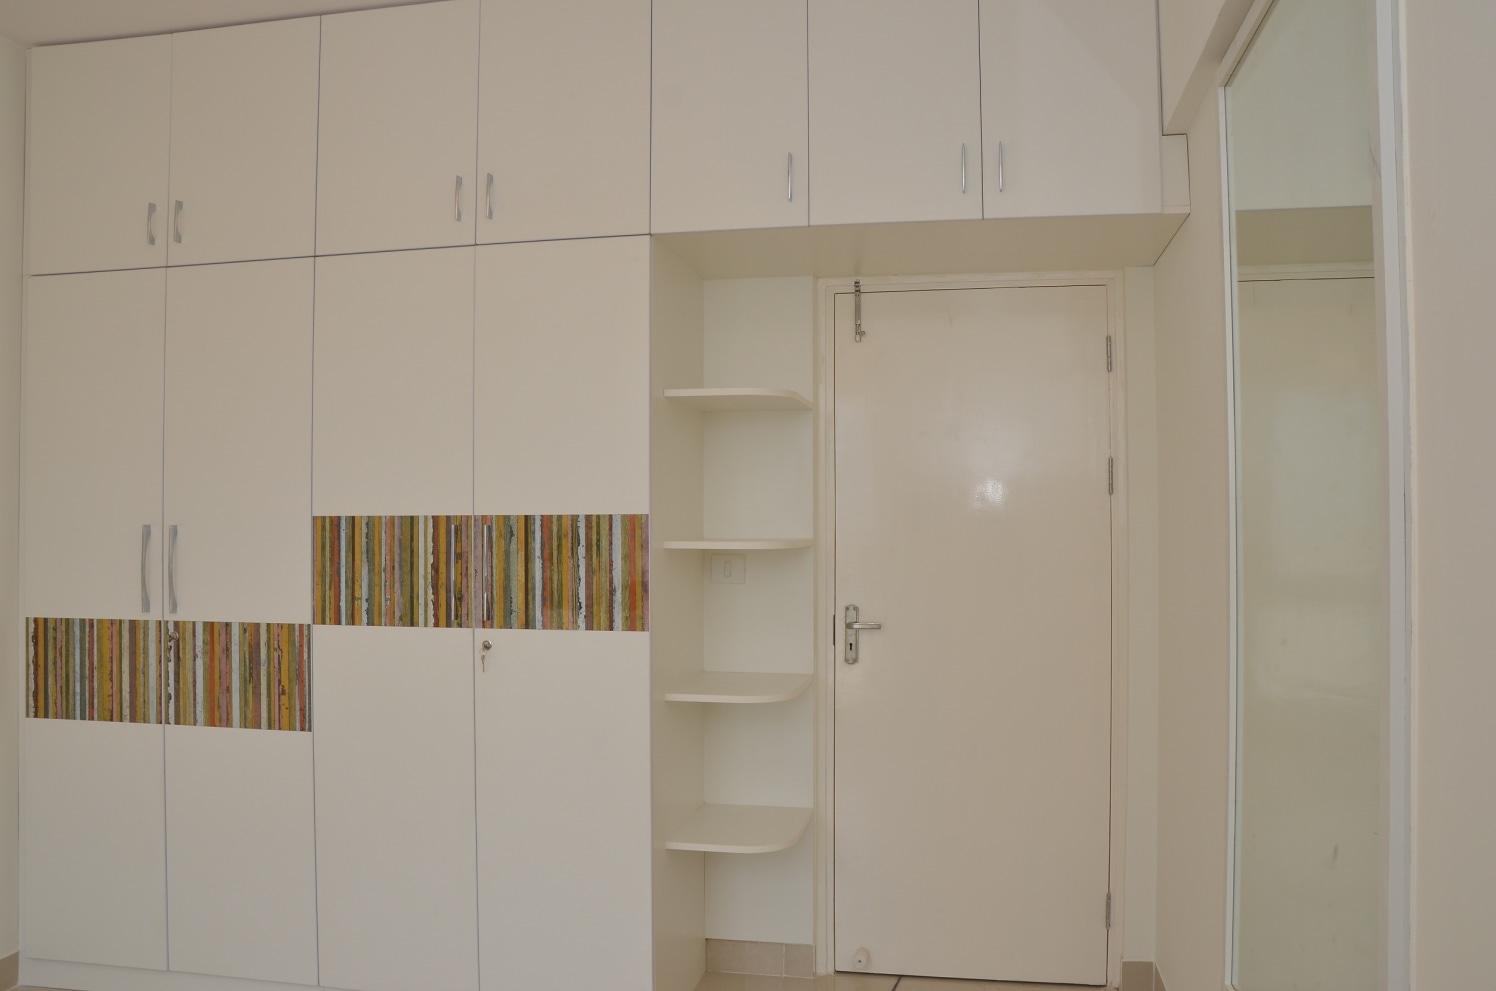 Efficient Storage by Naushad Bedroom Modern | Interior Design Photos & Ideas